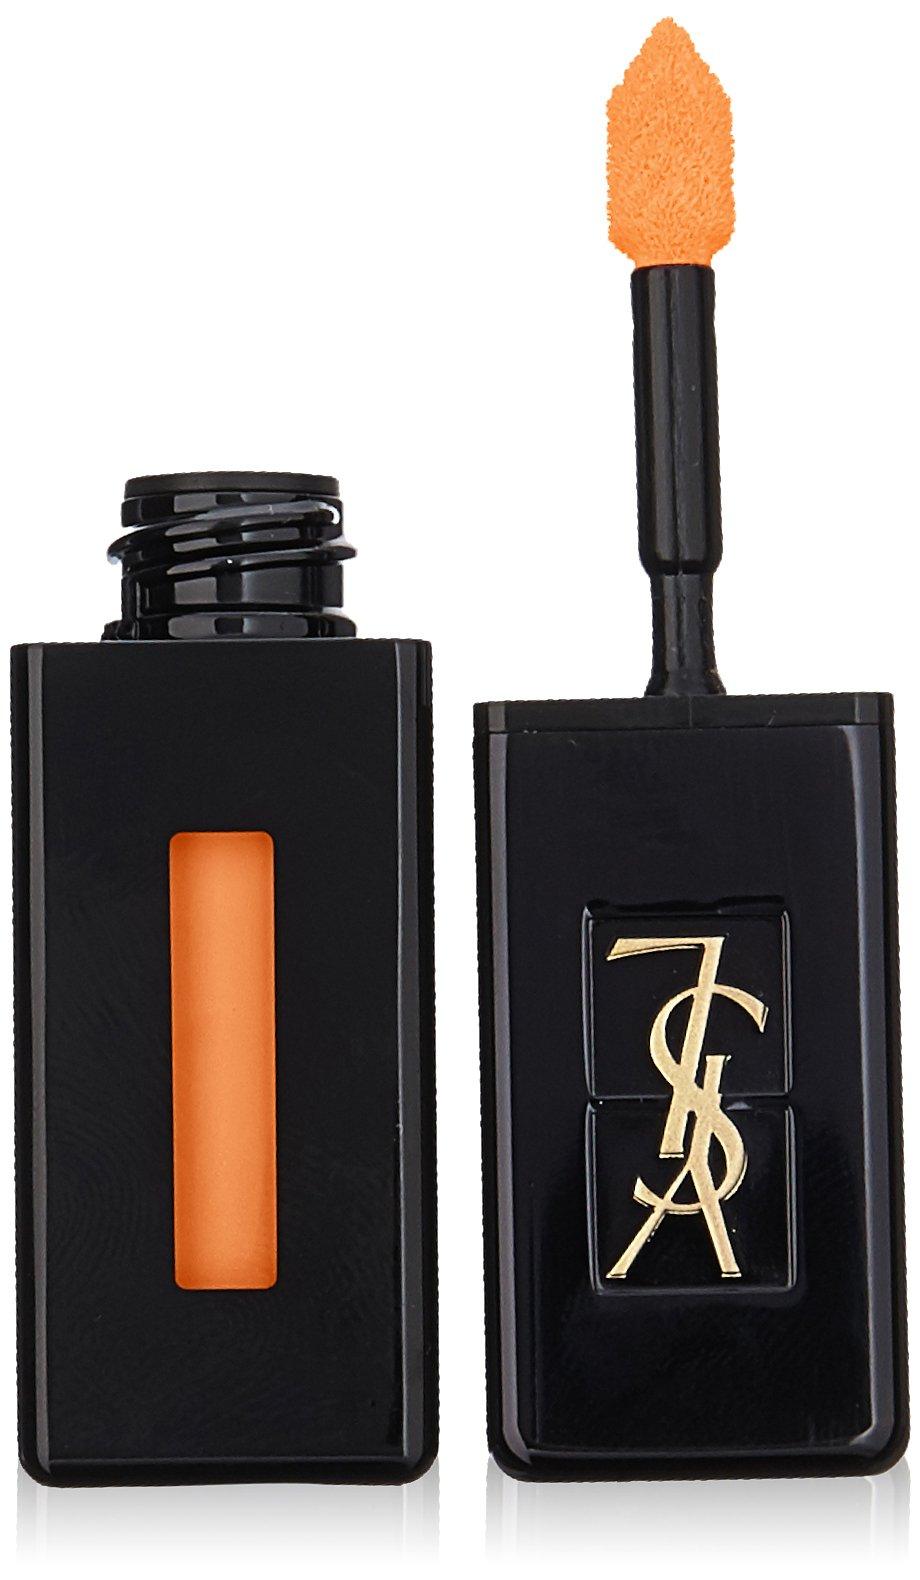 Yves Saint Laurent Vernis A Levres Vinyl Cream Lip Stain, 408 Corail Neo-pop, 0.18 Ounce by Yves Saint Laurent